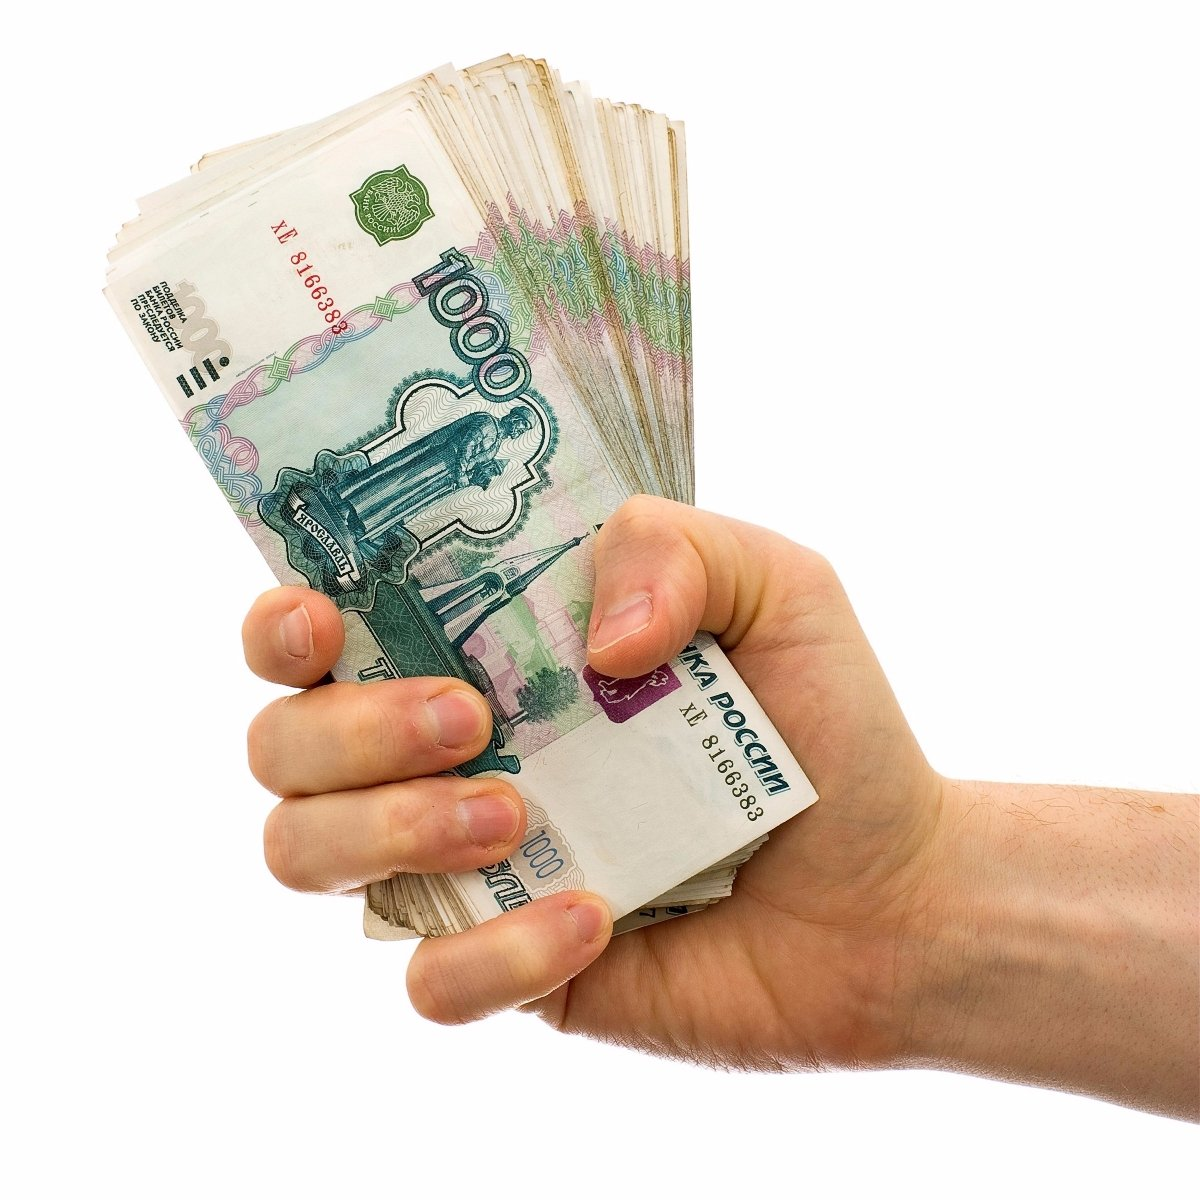 помогу деньгами без предоплаты срочно мкк москвы займы без отказа на карту онлайн круглосуточно